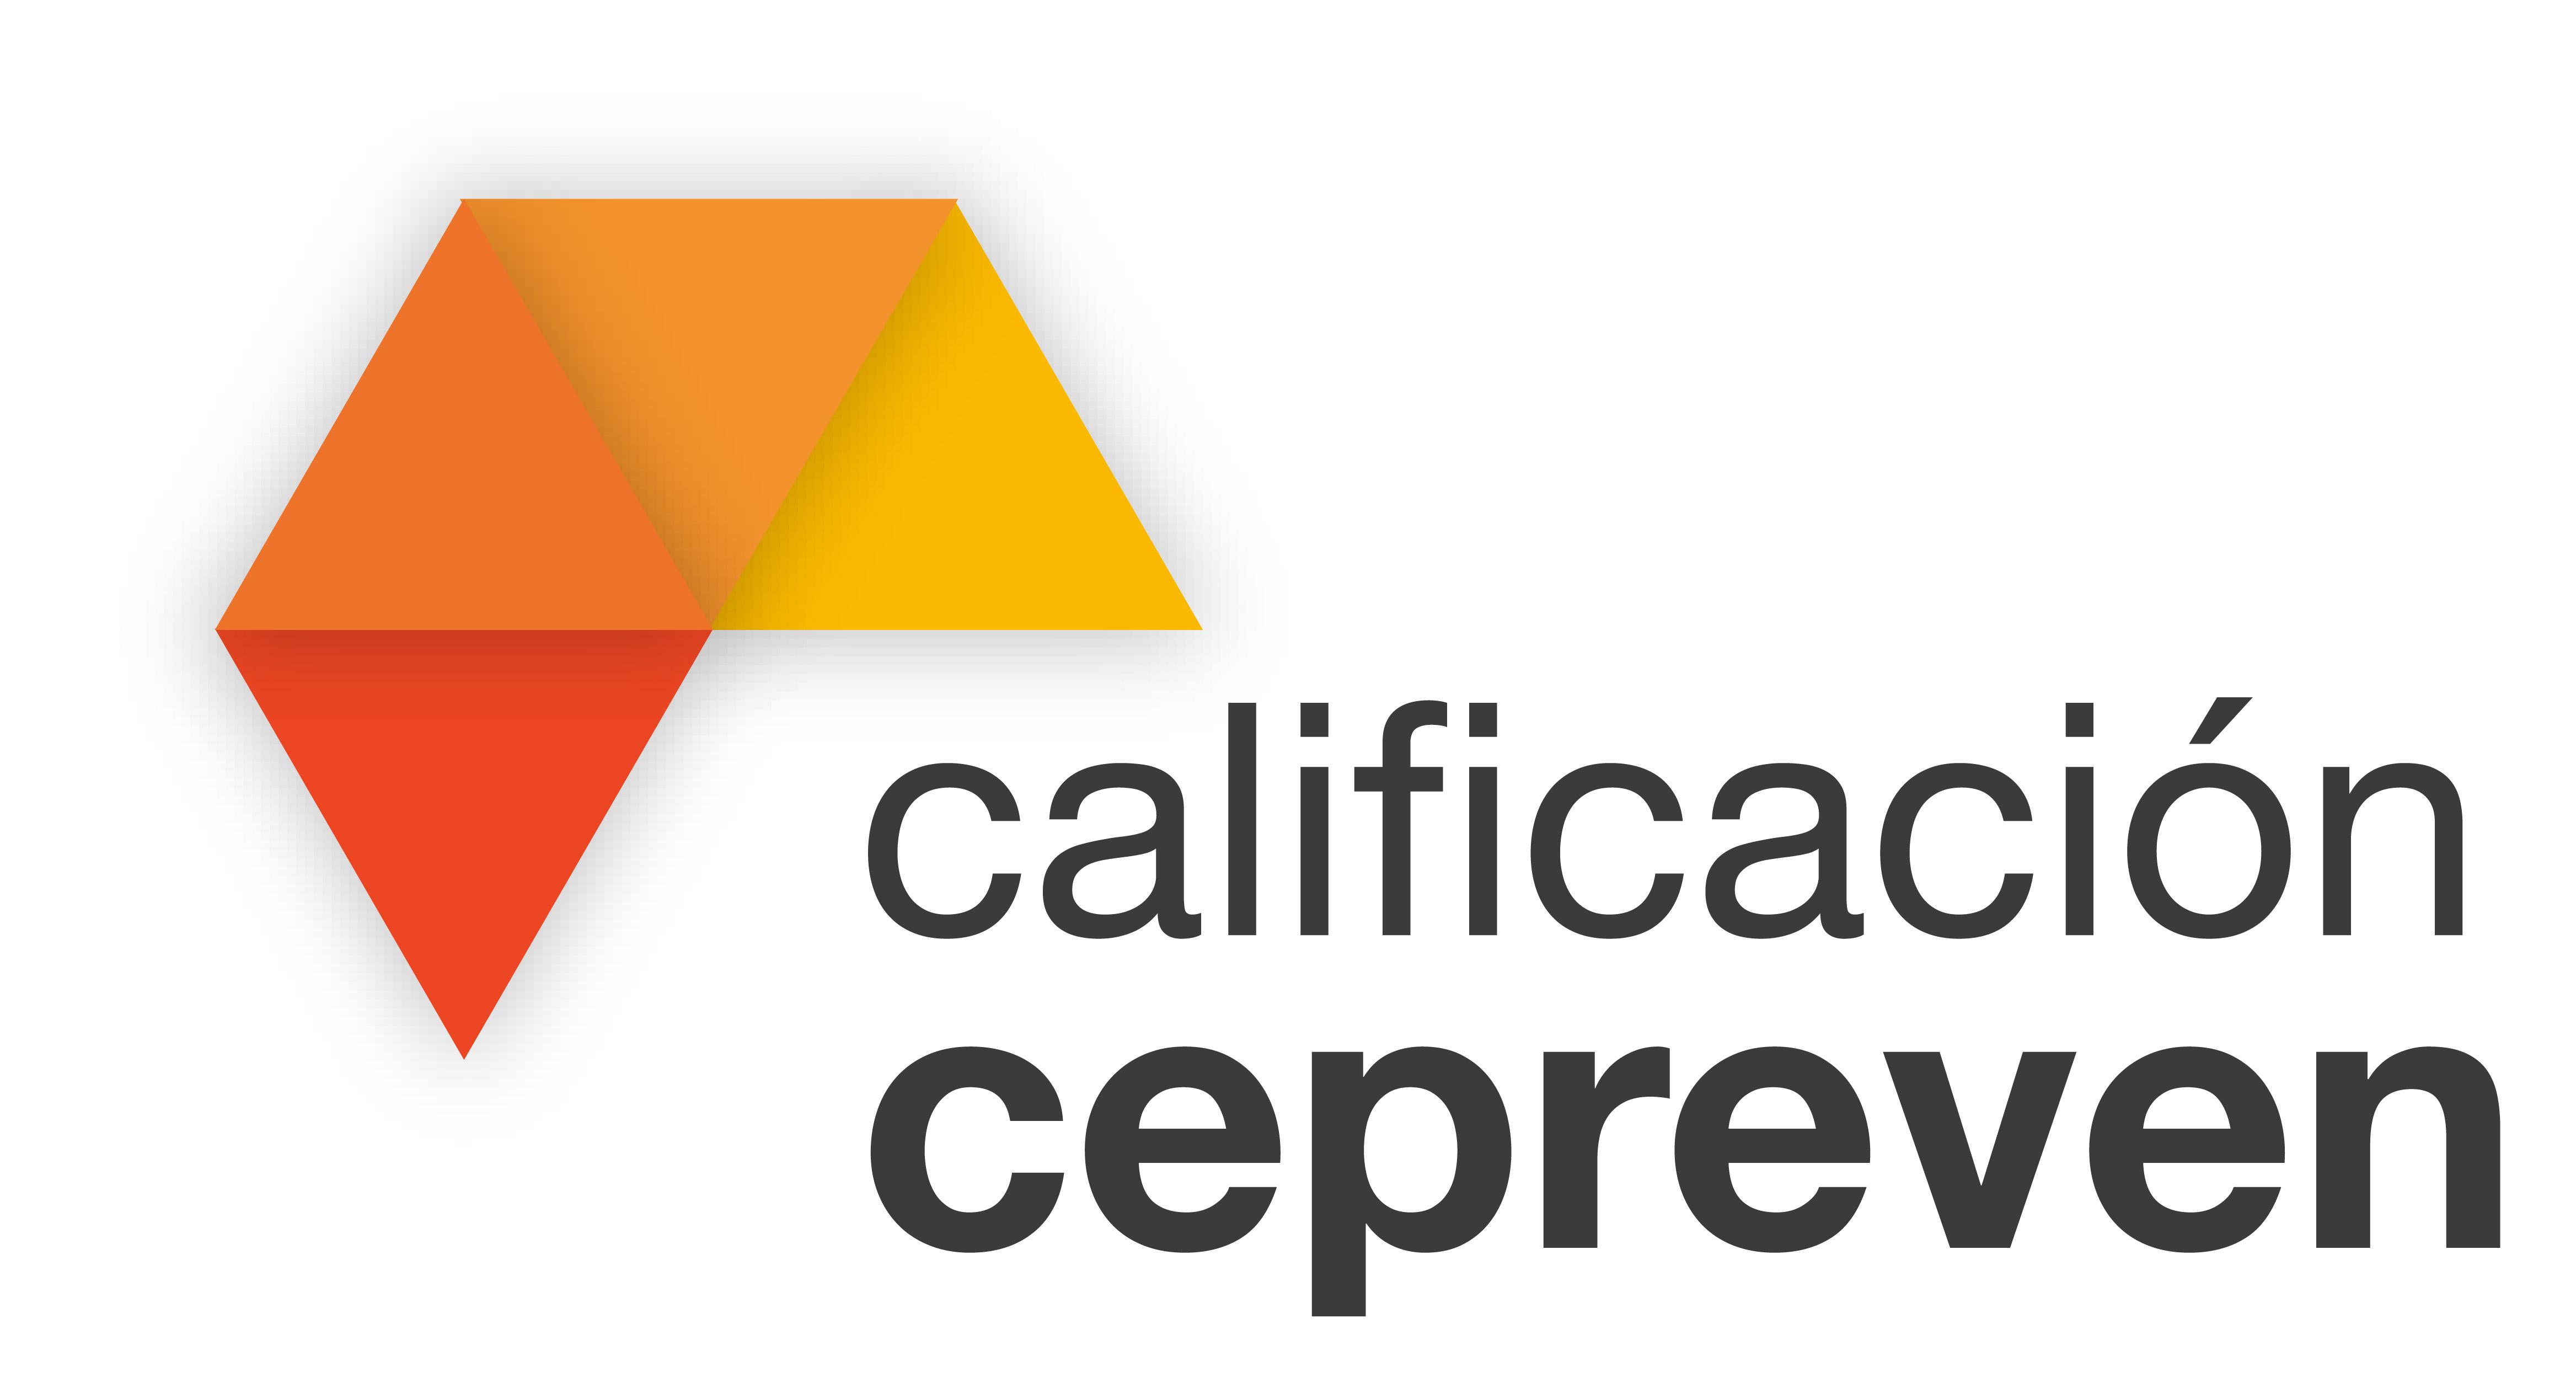 Calificacion Cepreven